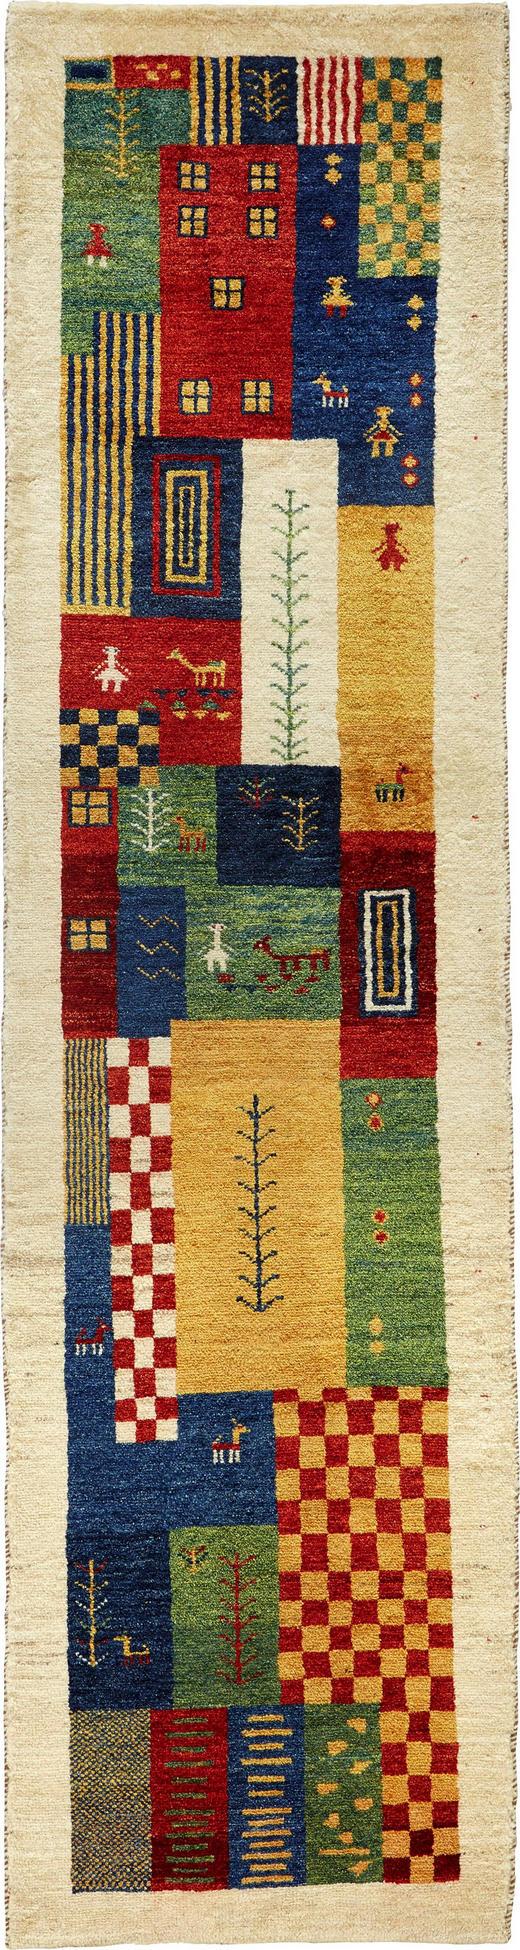 ORIENTTEPPICH 80 200  cm - Multicolor, LIFESTYLE, Textil (80 200 cm) - Esposa